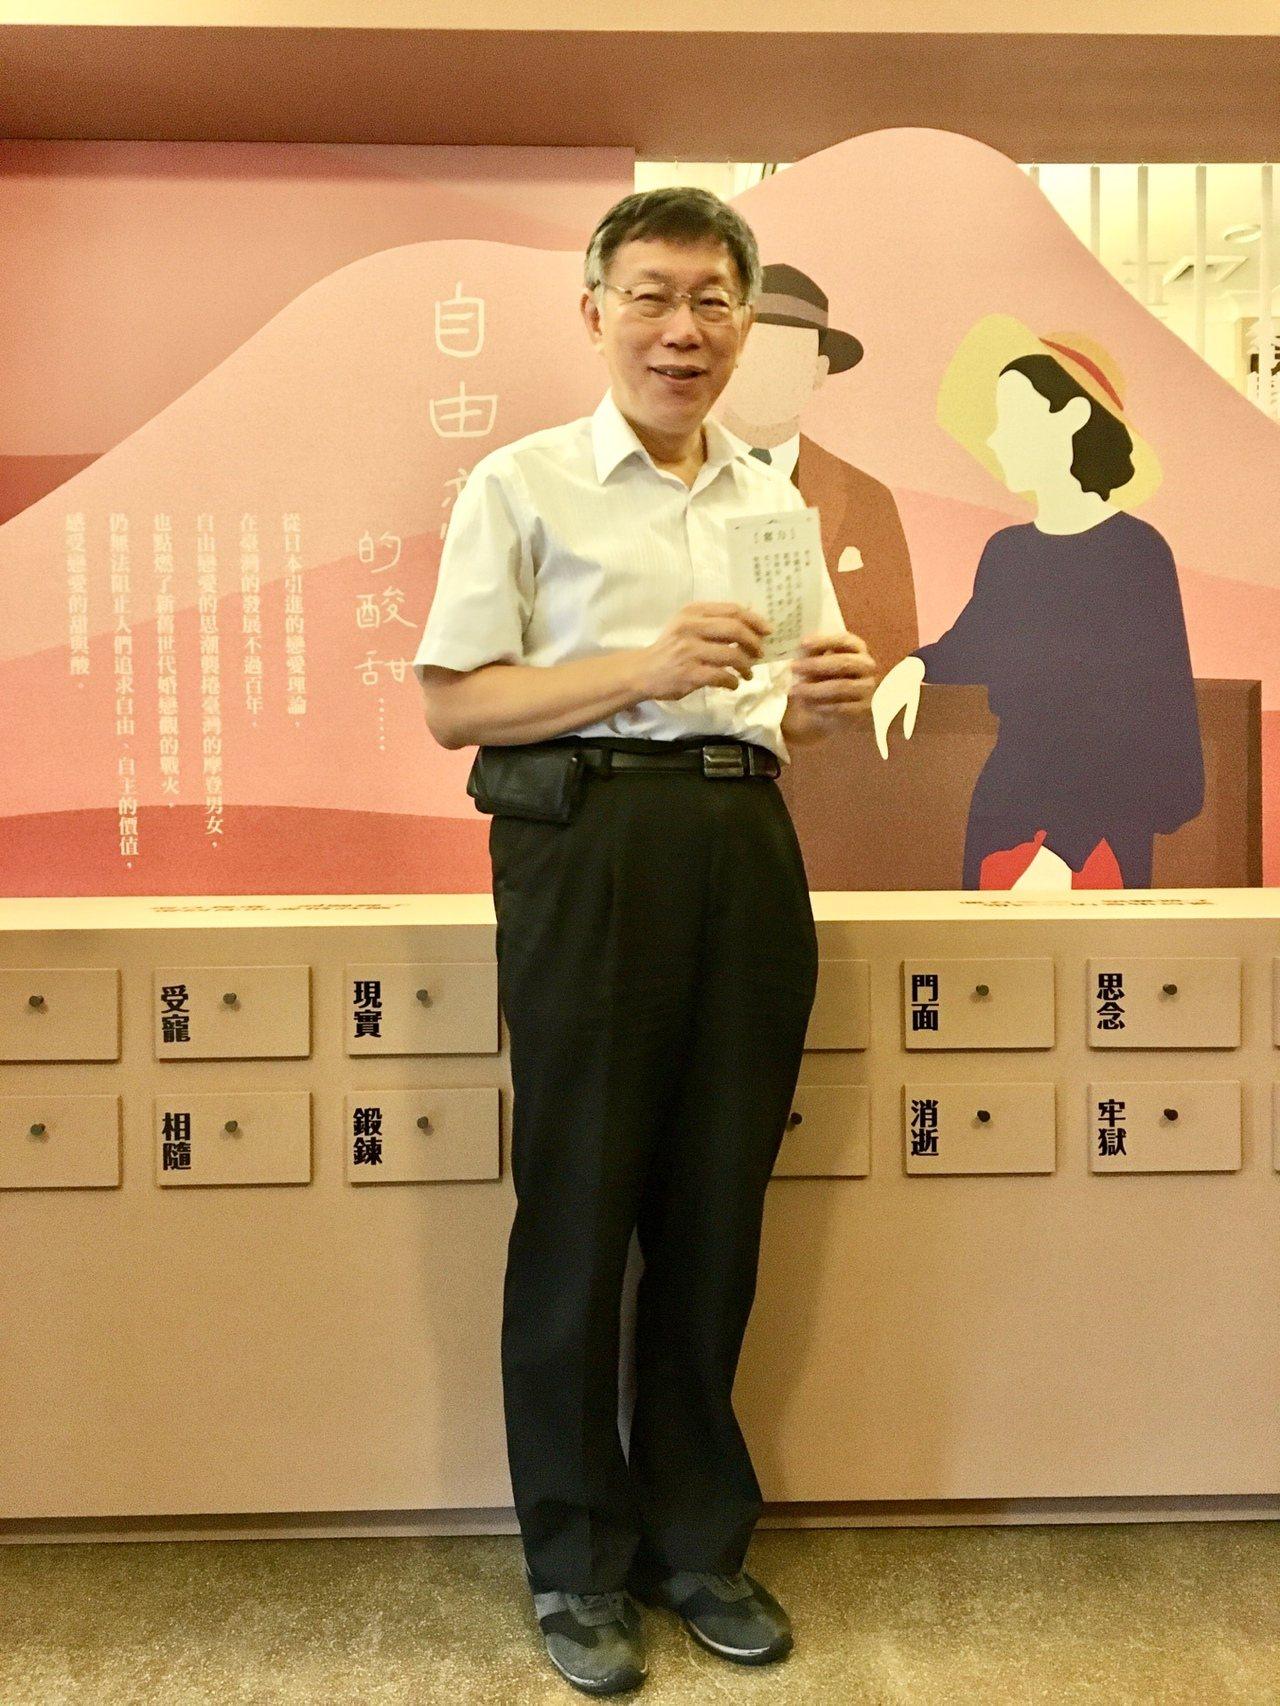 柯文哲在現場體驗抽情詩活動,當場朗讀台灣第一位女記者楊千鶴所寫的【奮力】詩文。記...